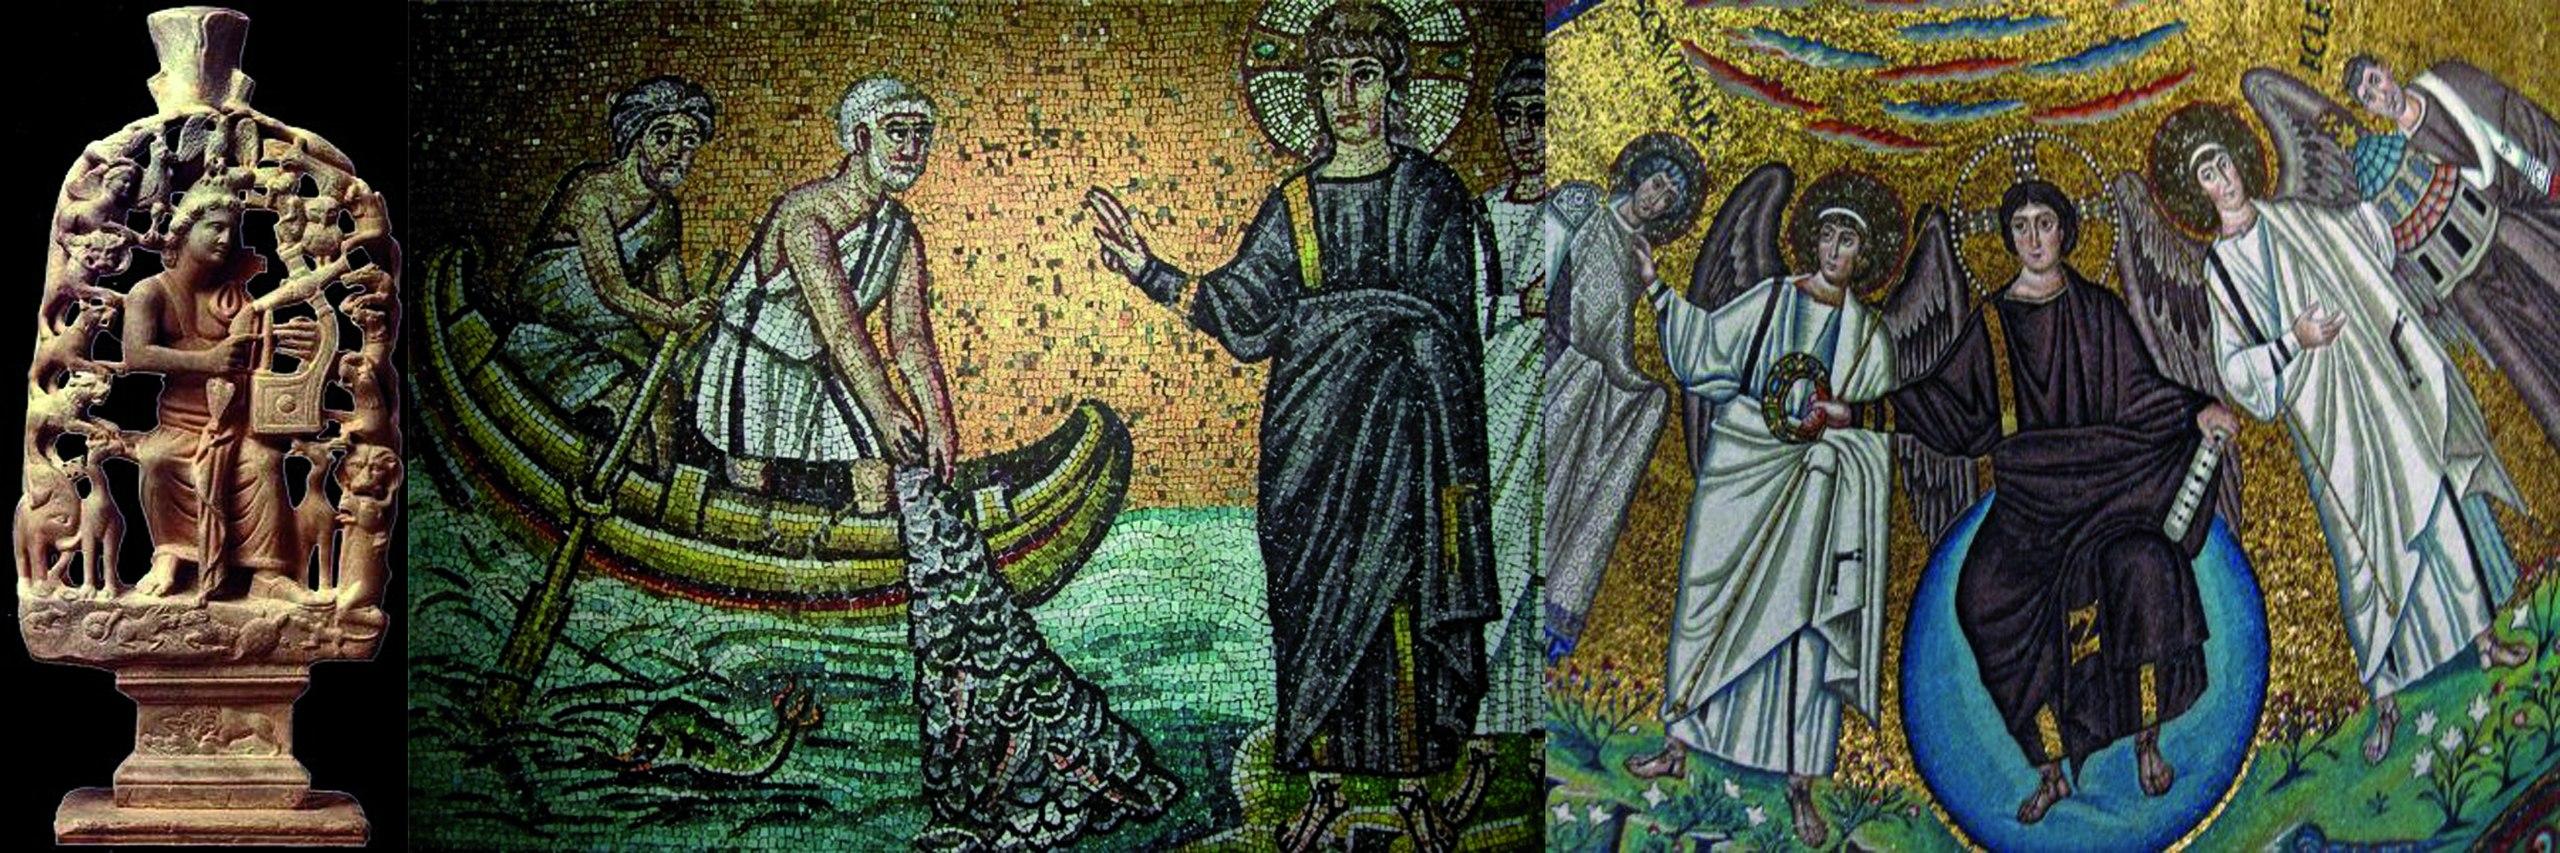 Слева. Изображение Христа в виде Орфея. I век. В центре. Христос и апостолы, ловящие рыбу. Сан-Апполинаре Нуово. VI век. Справа. Христос в виде юноши на сфере с ангелами. Базилика Сан-Витале VI век.